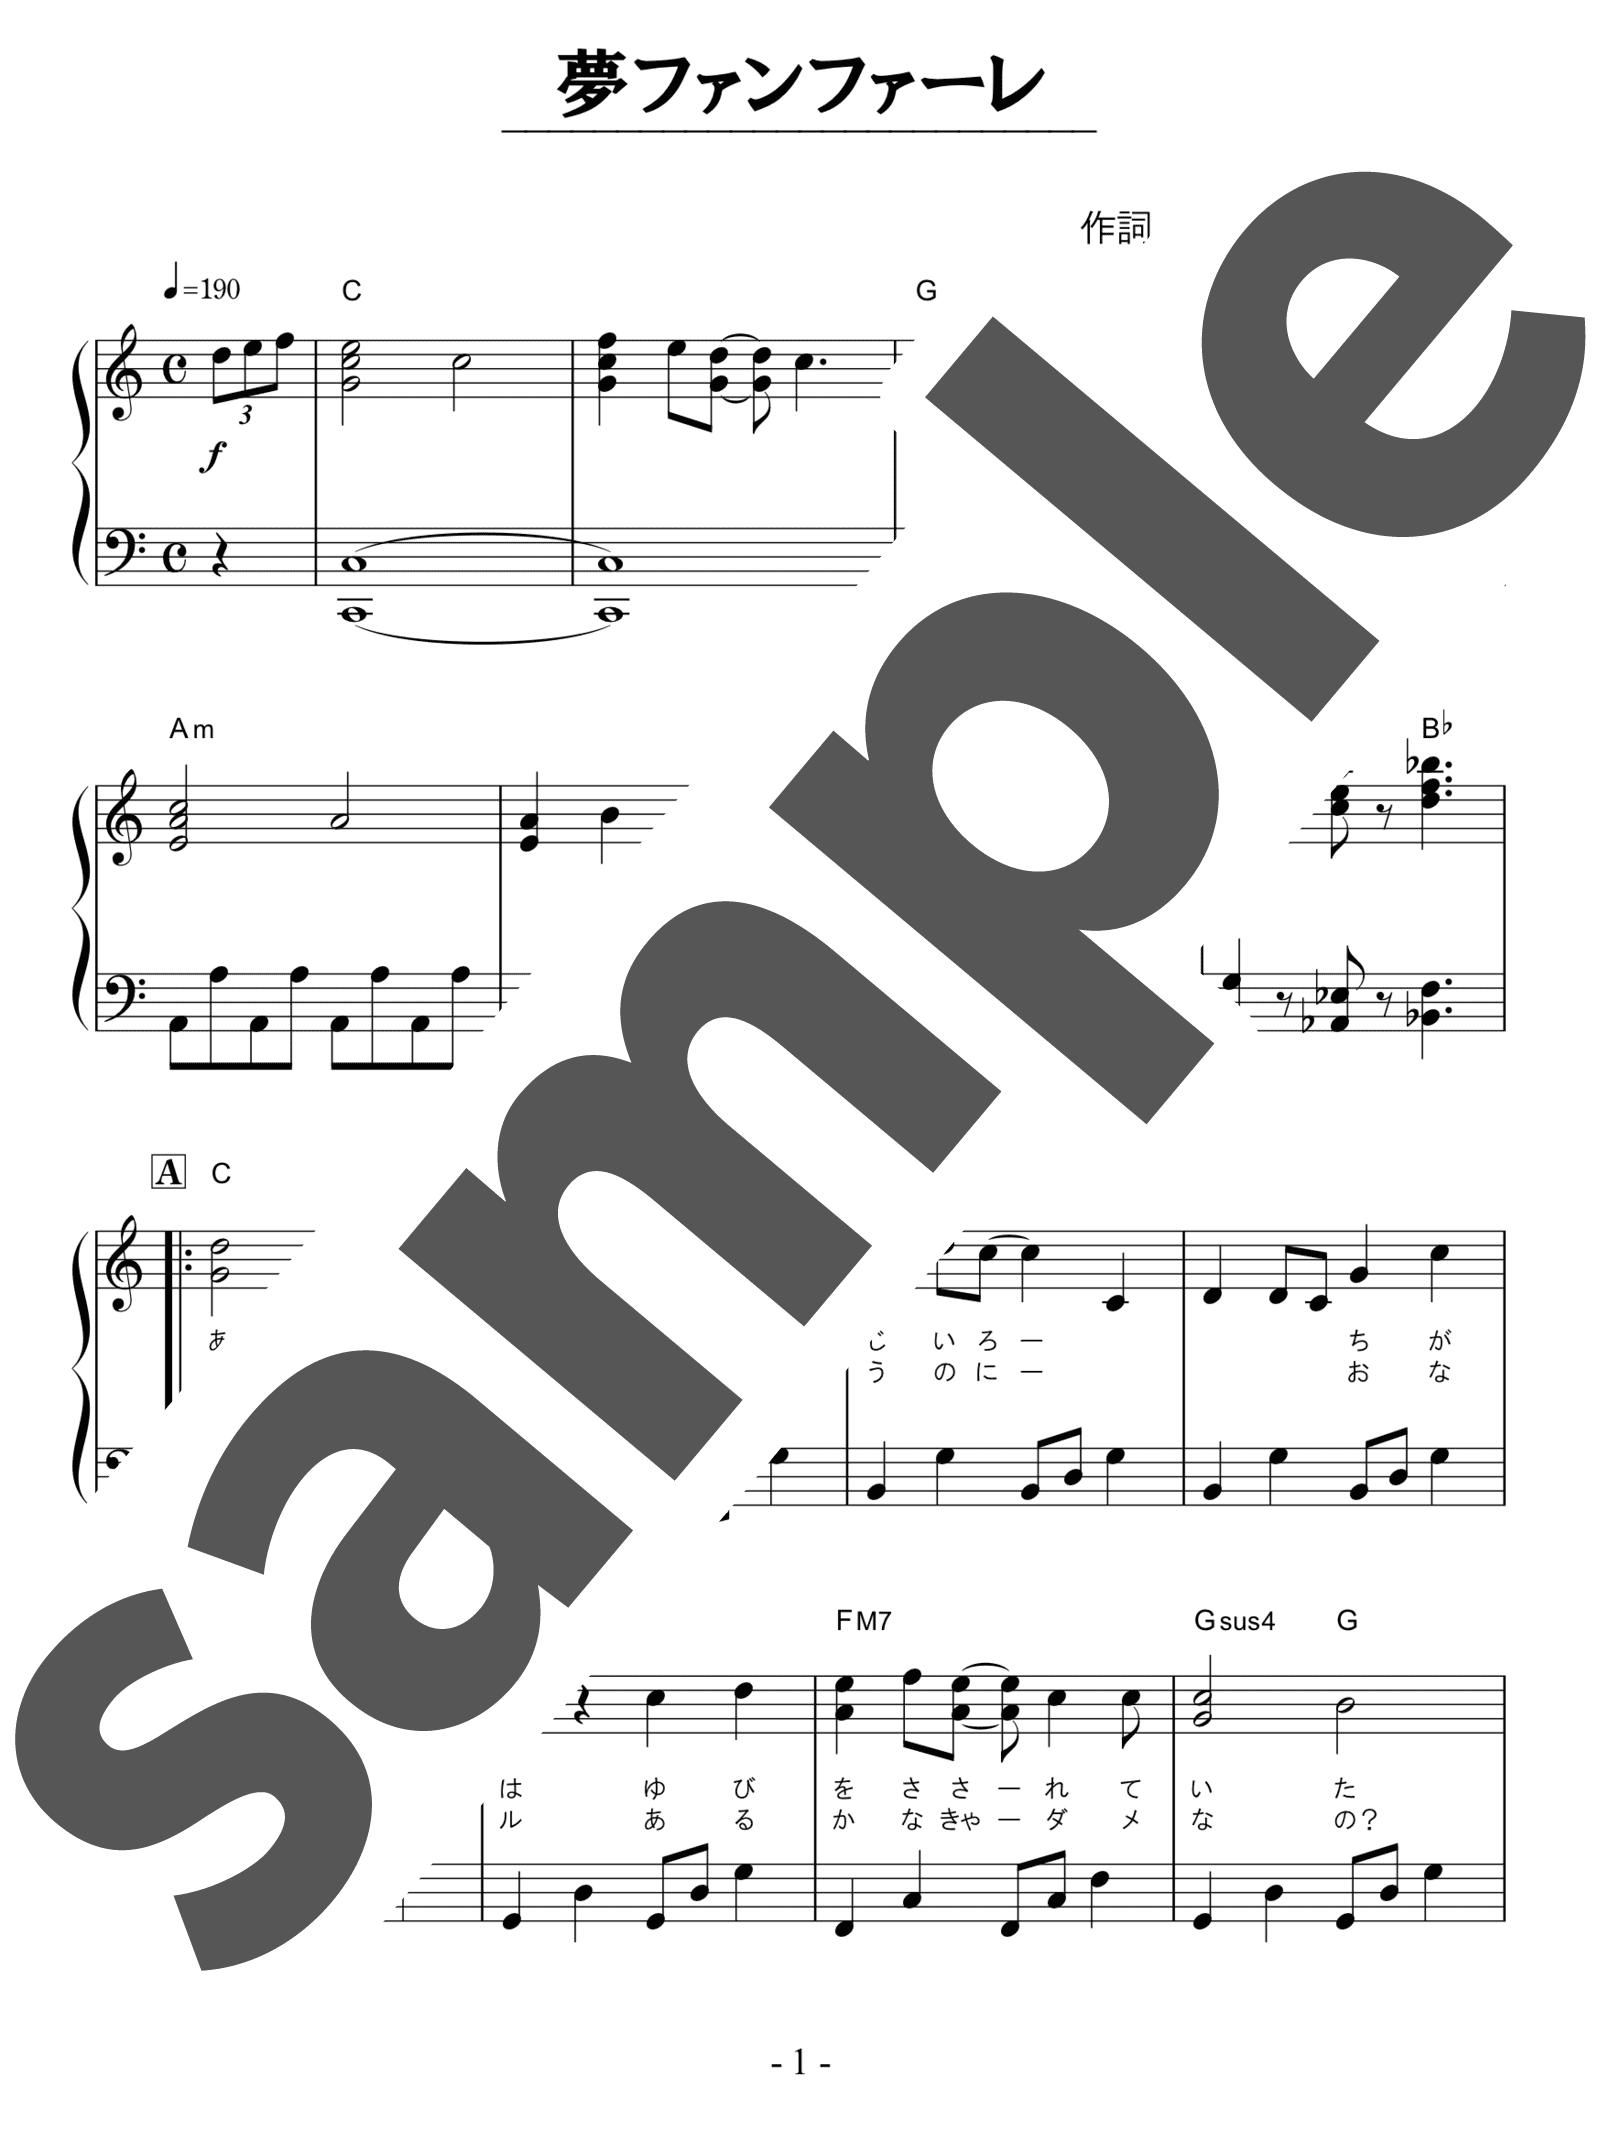 「夢ファンファーレ」のサンプル楽譜